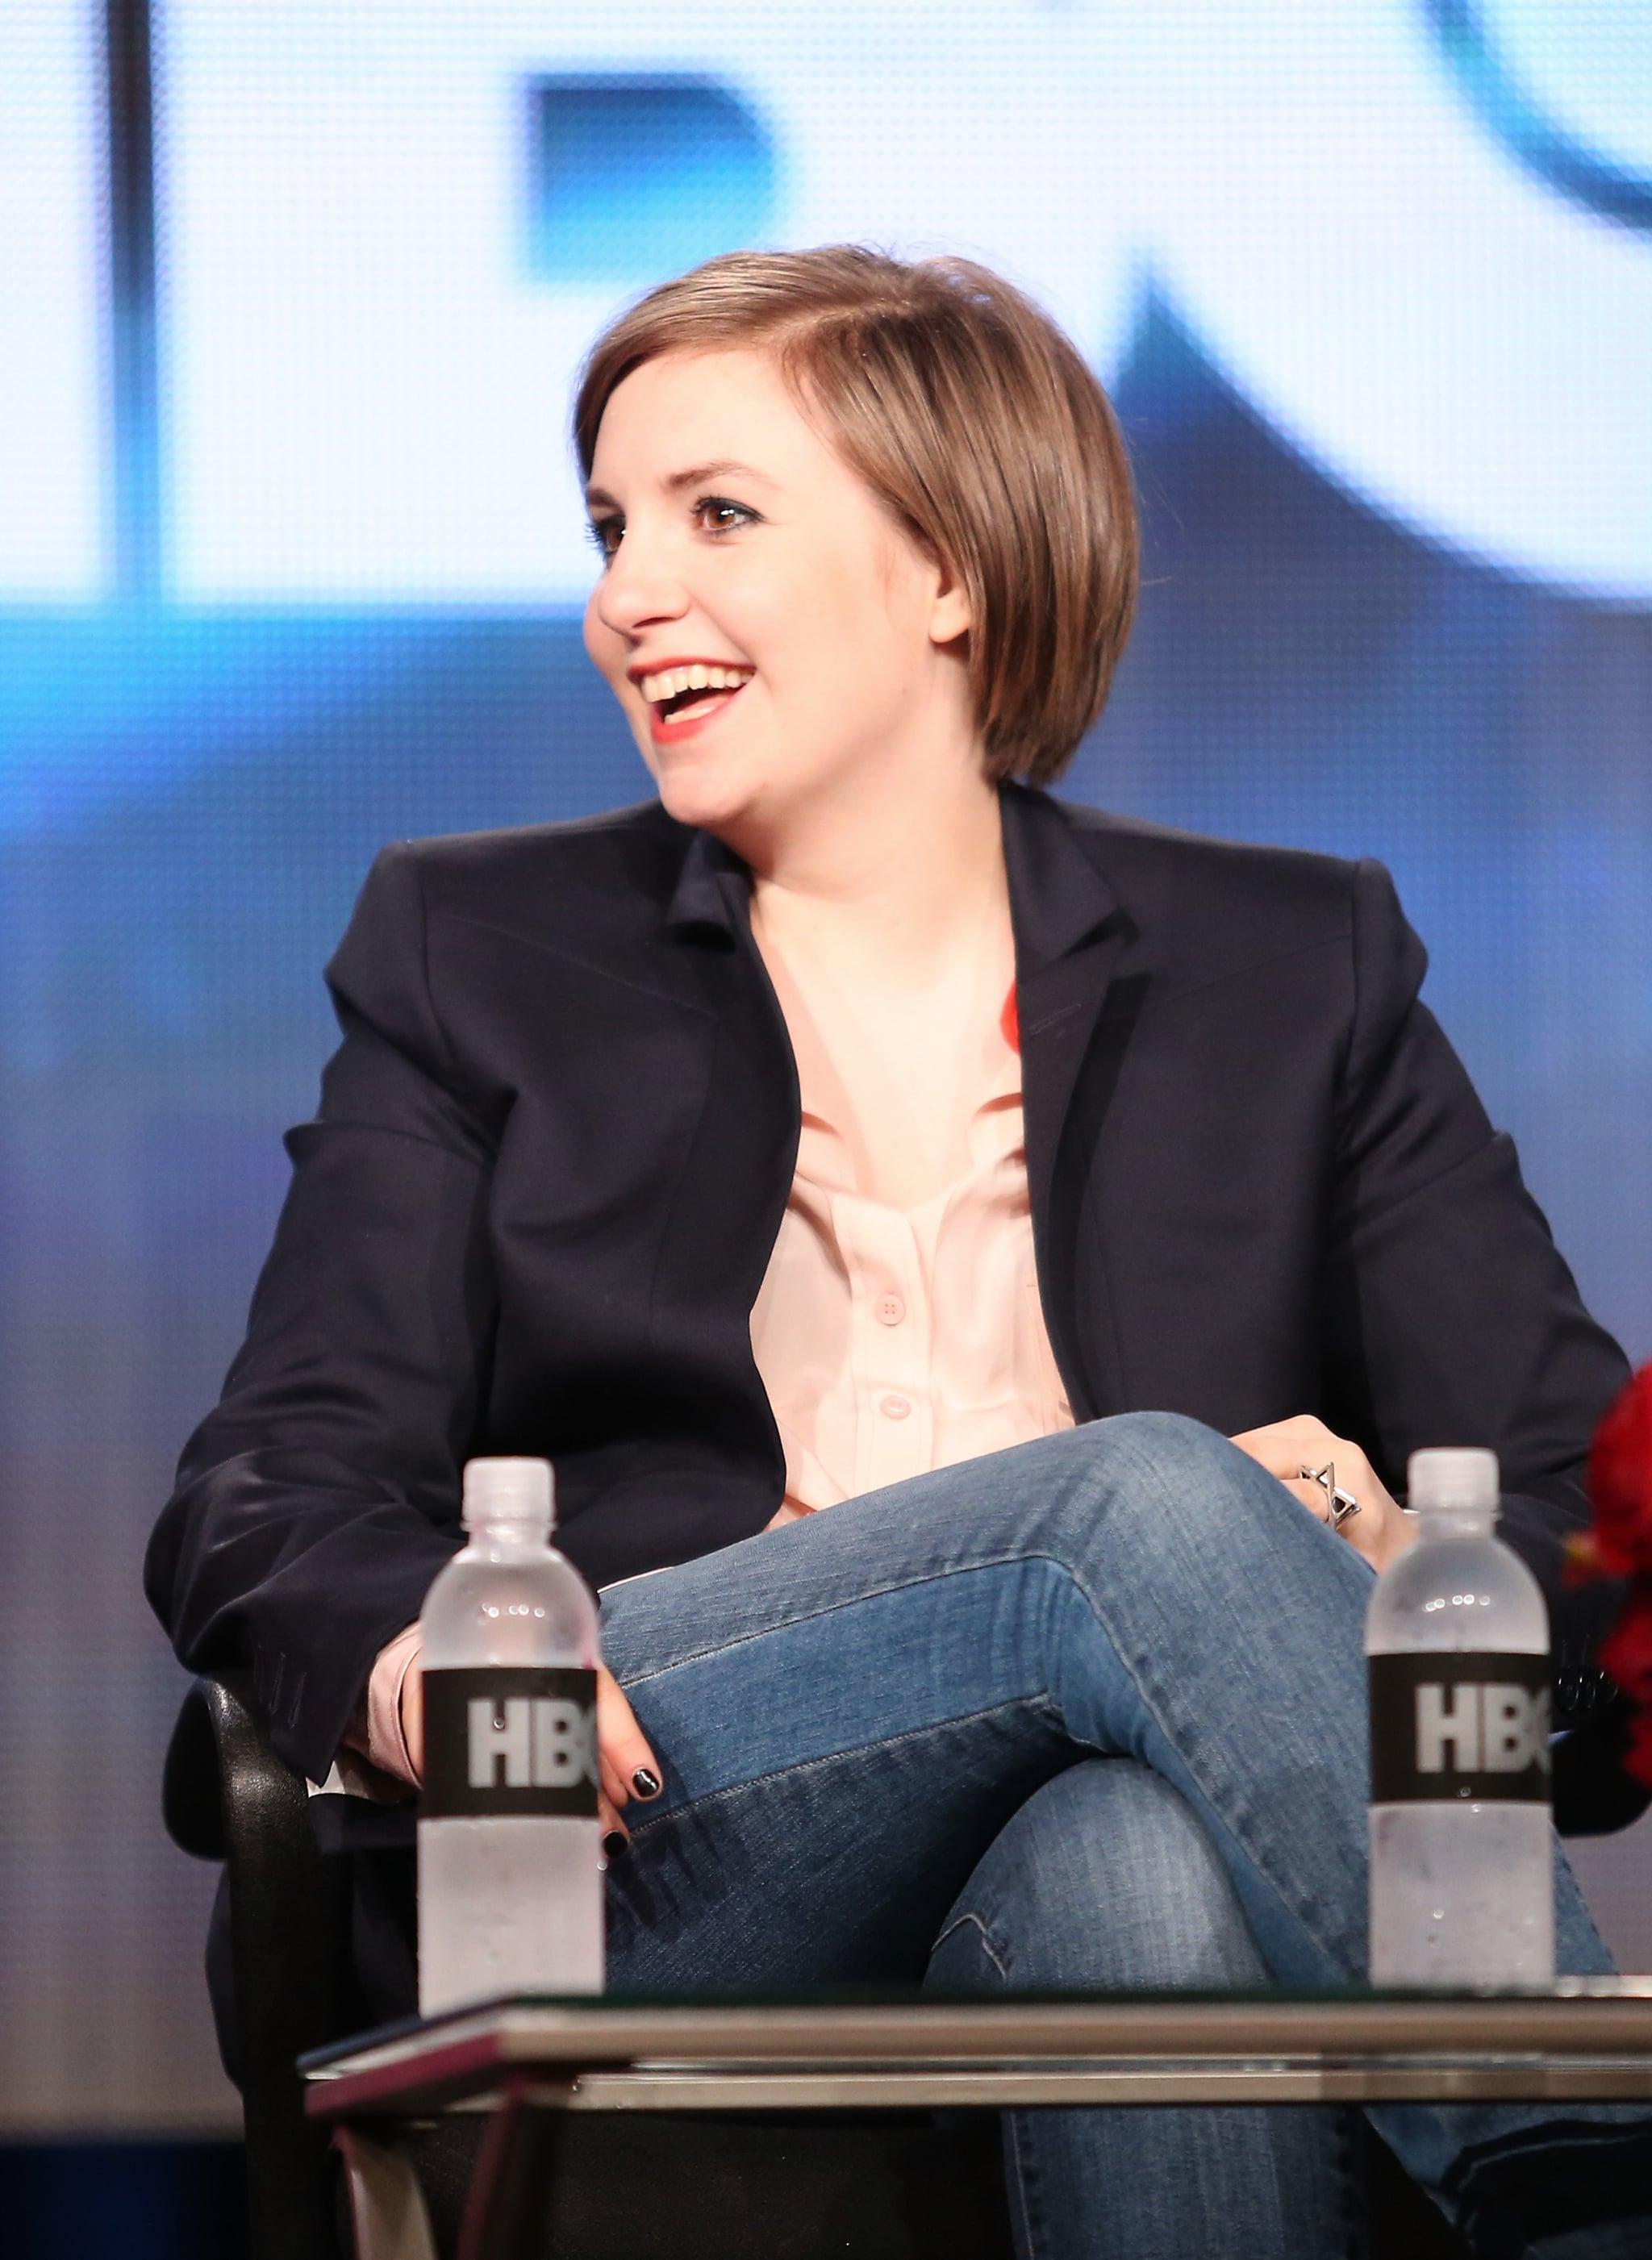 Lena Dunham attended the panel for Girls.